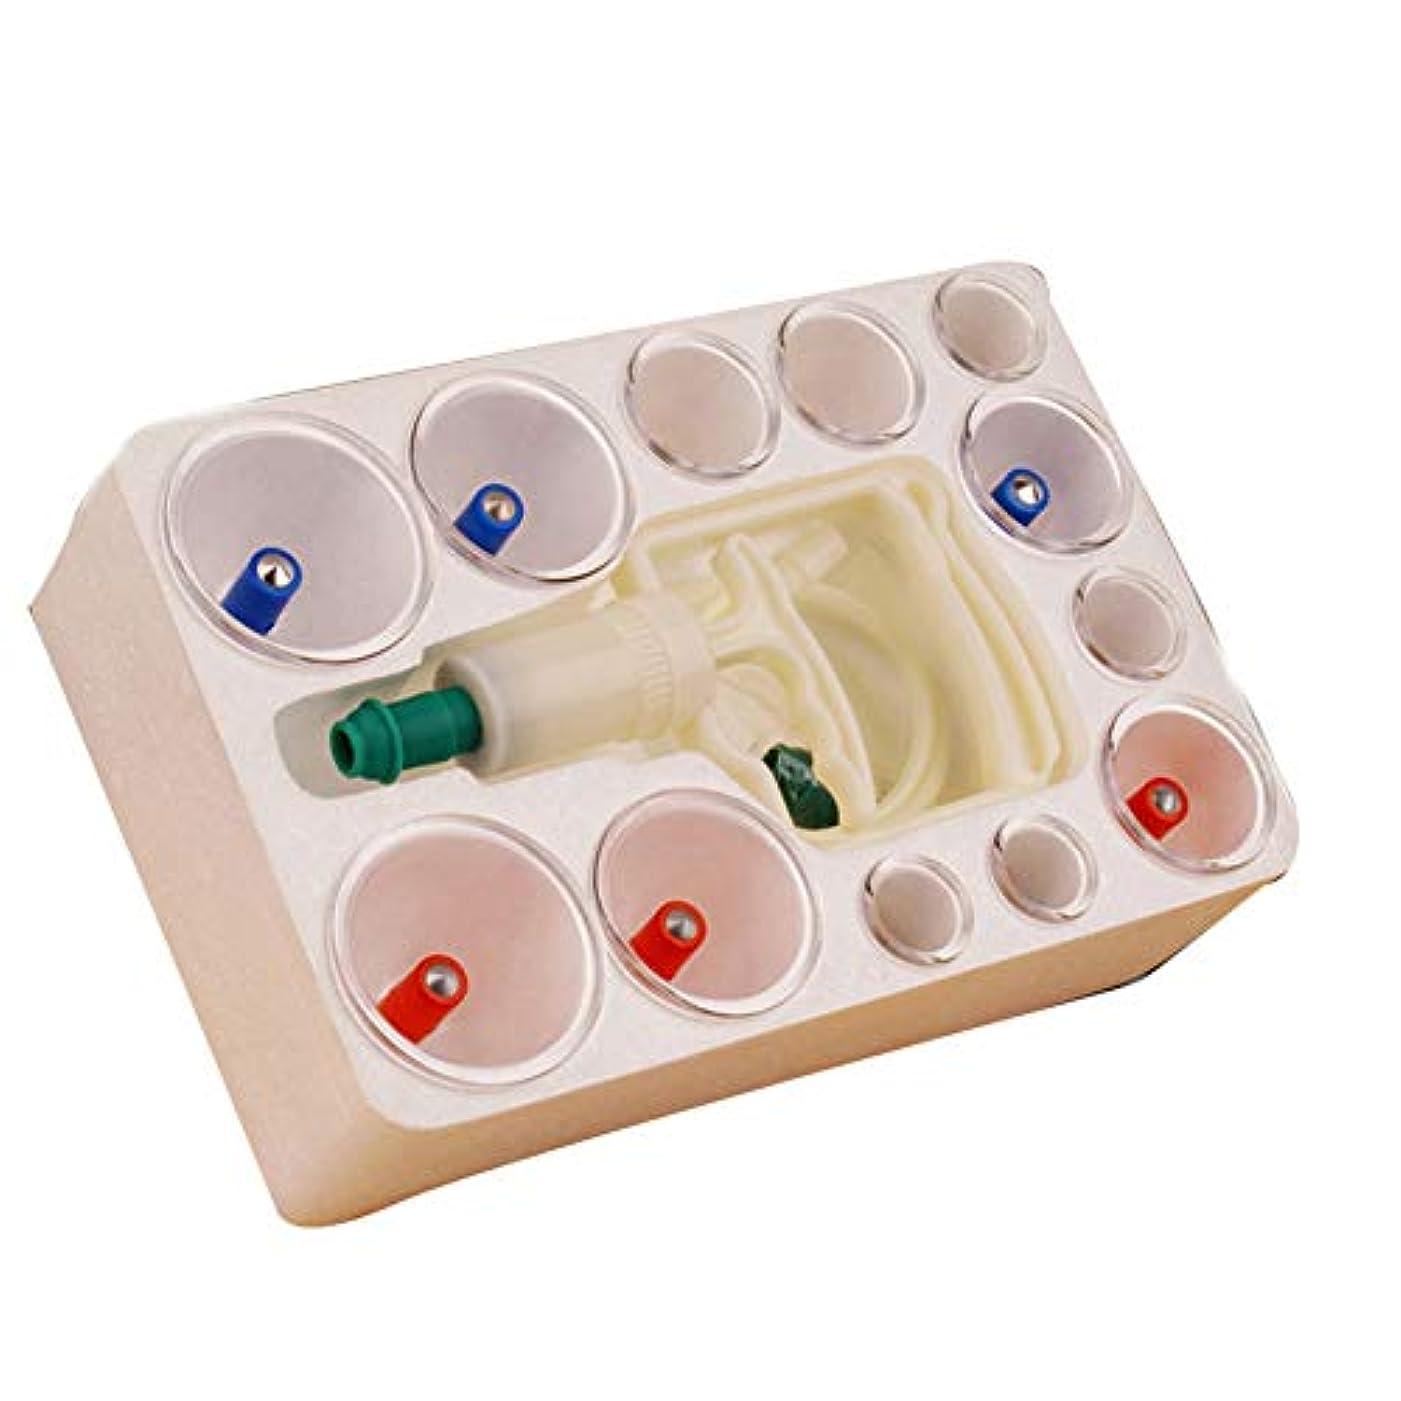 チャーミングリレーたっぷり12カップカッピングセラピーセット、真空吸引生体磁気、ポンプ付きホーム、ボディマッサージの痛みを緩和する理学療法排泄毒素